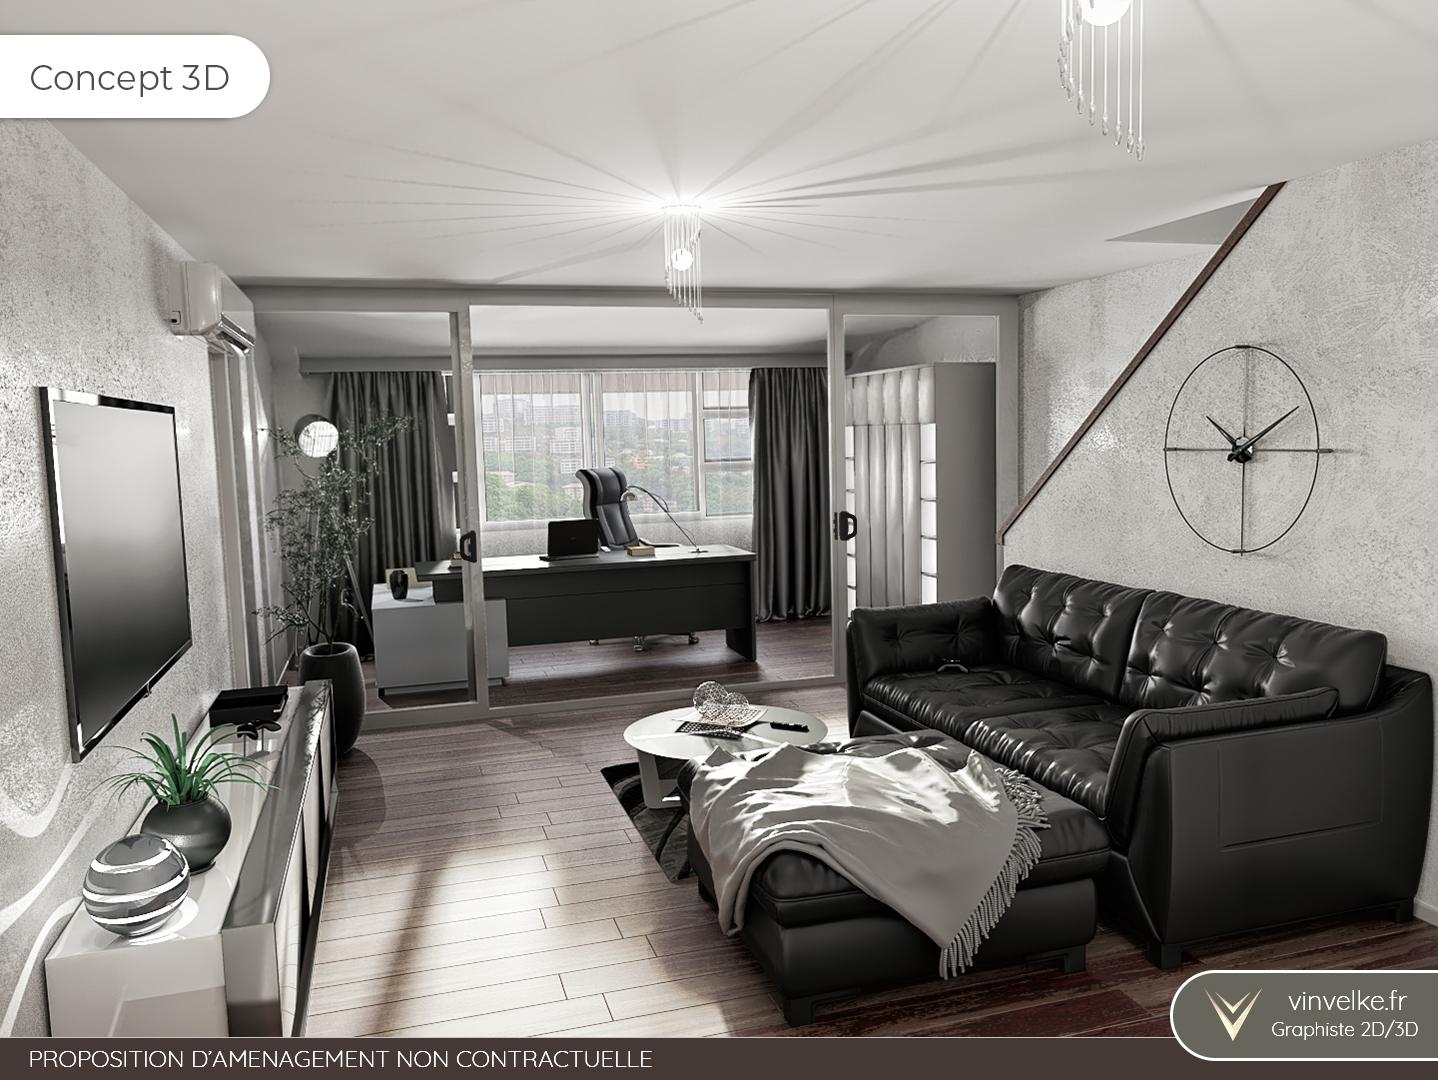 concept 3d du home staging virtuel pour un salon avec bureau